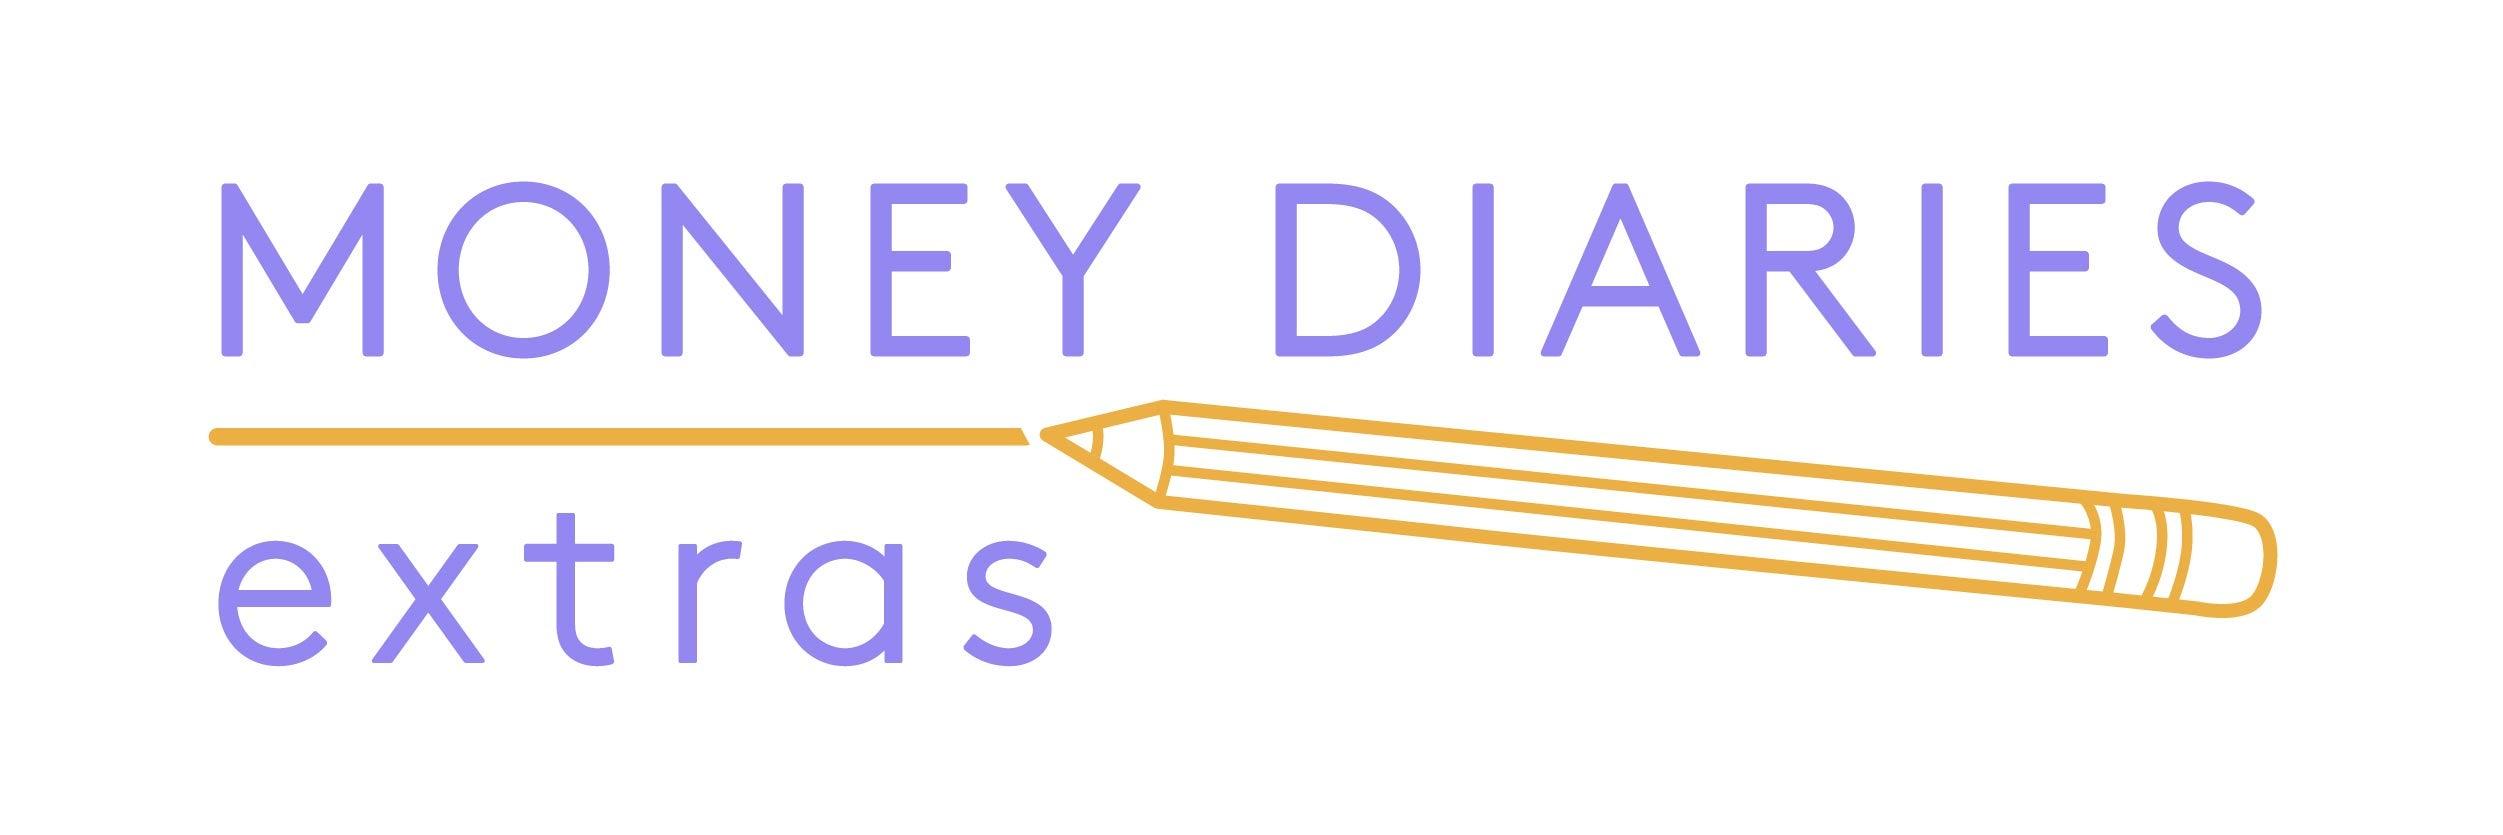 Money Diaries extras